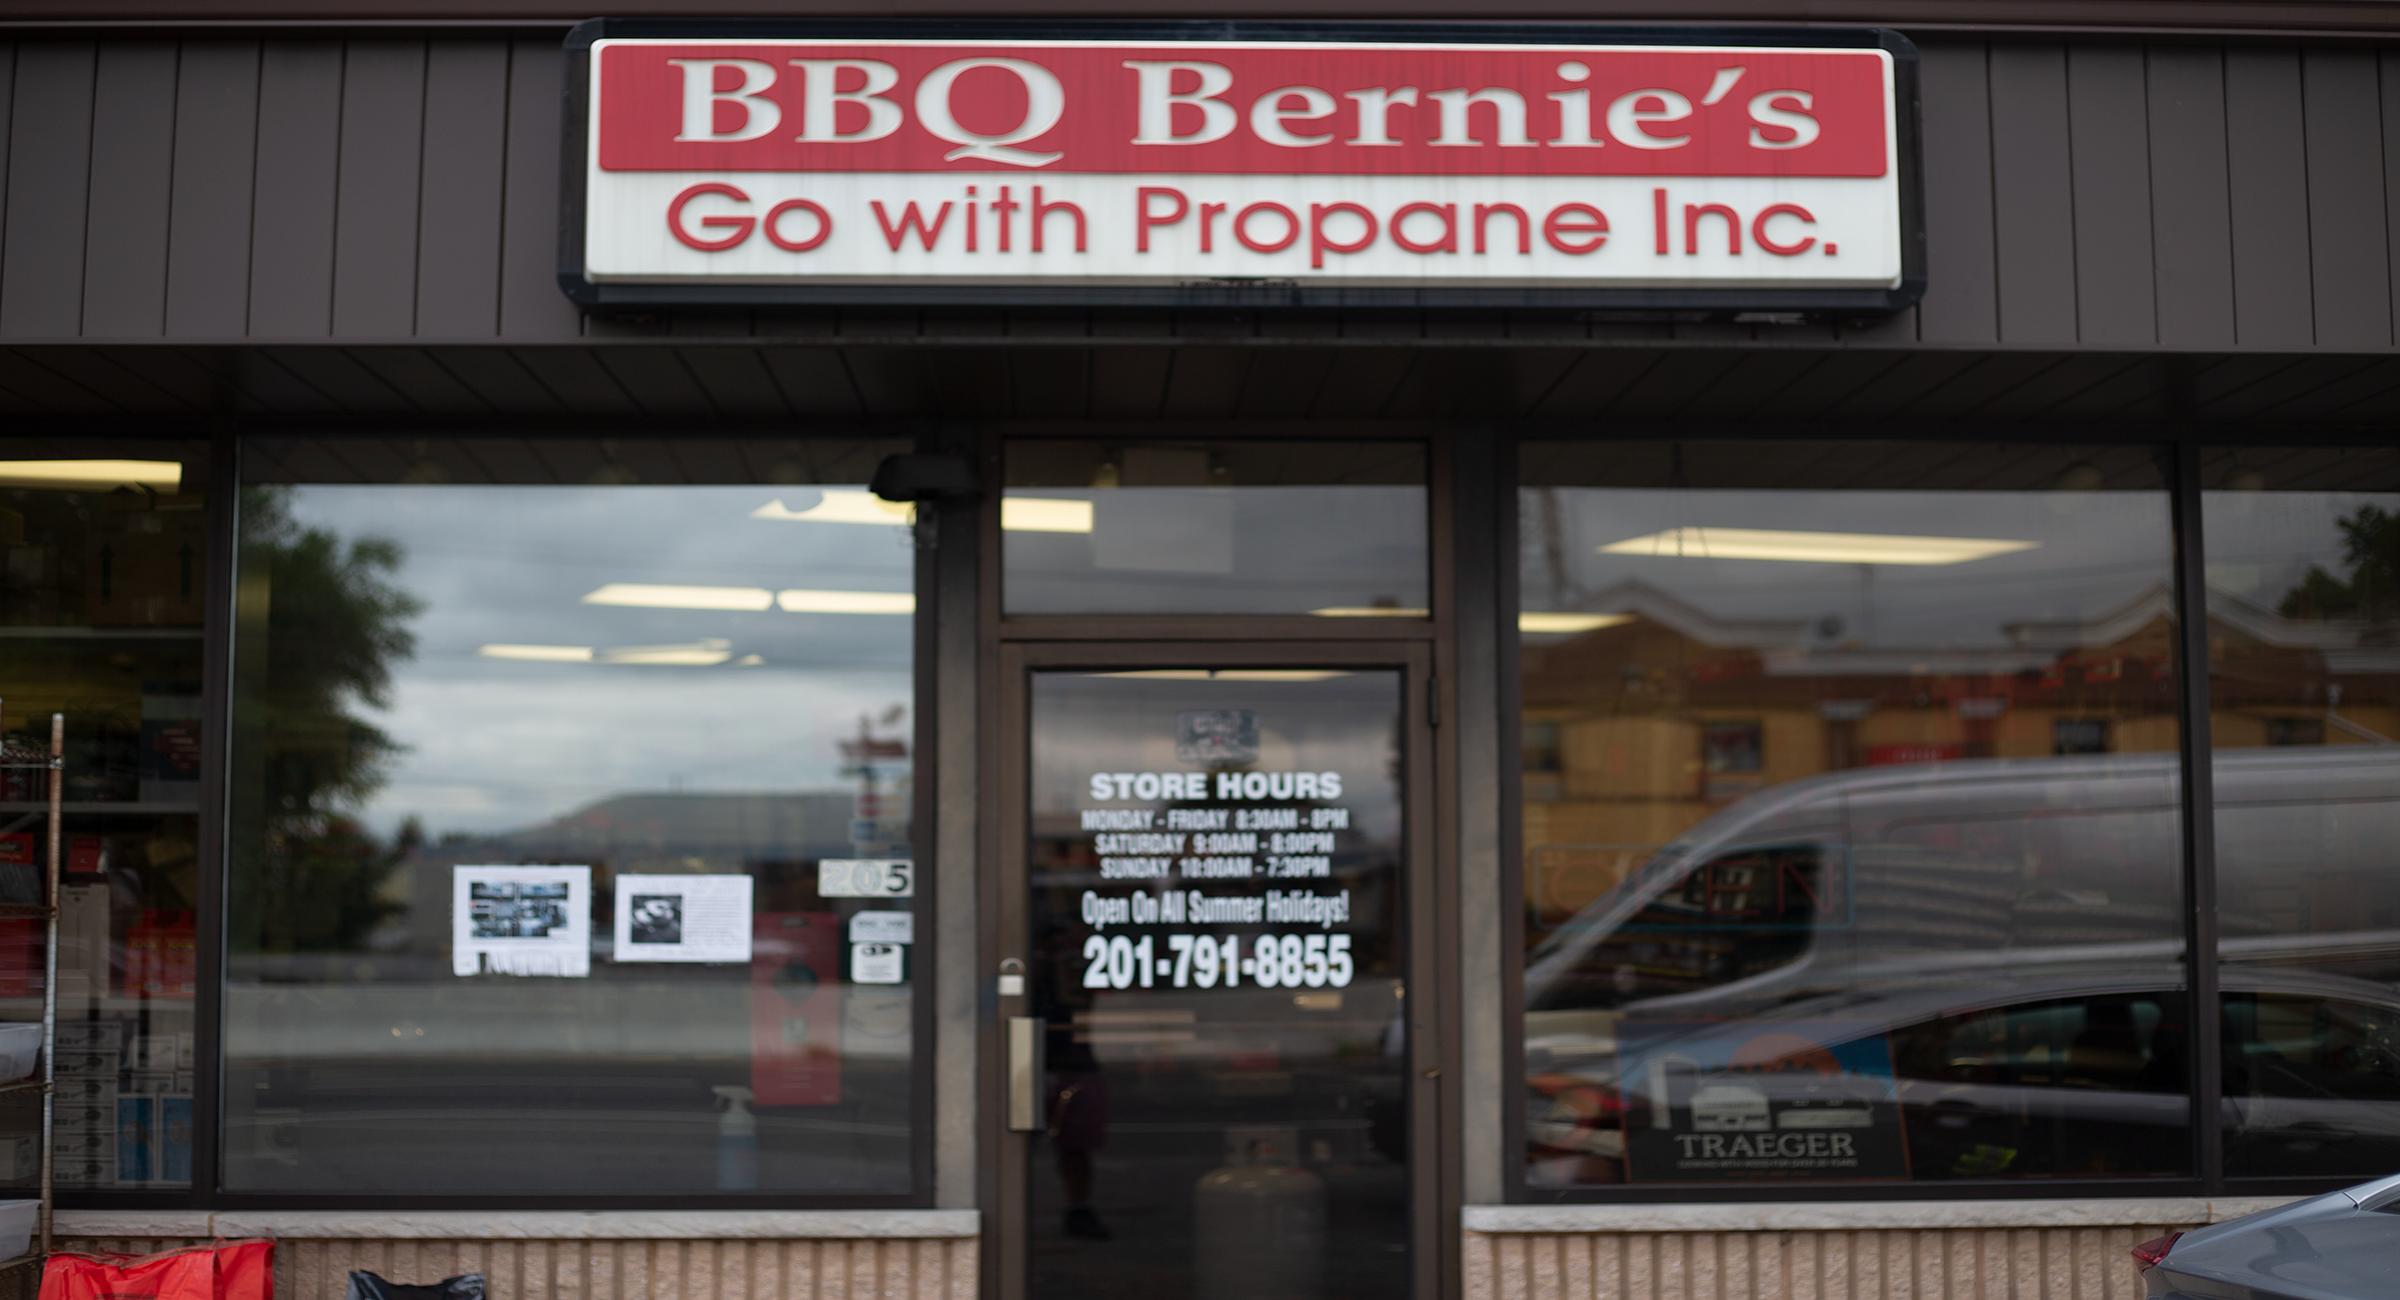 BBQ Bernies